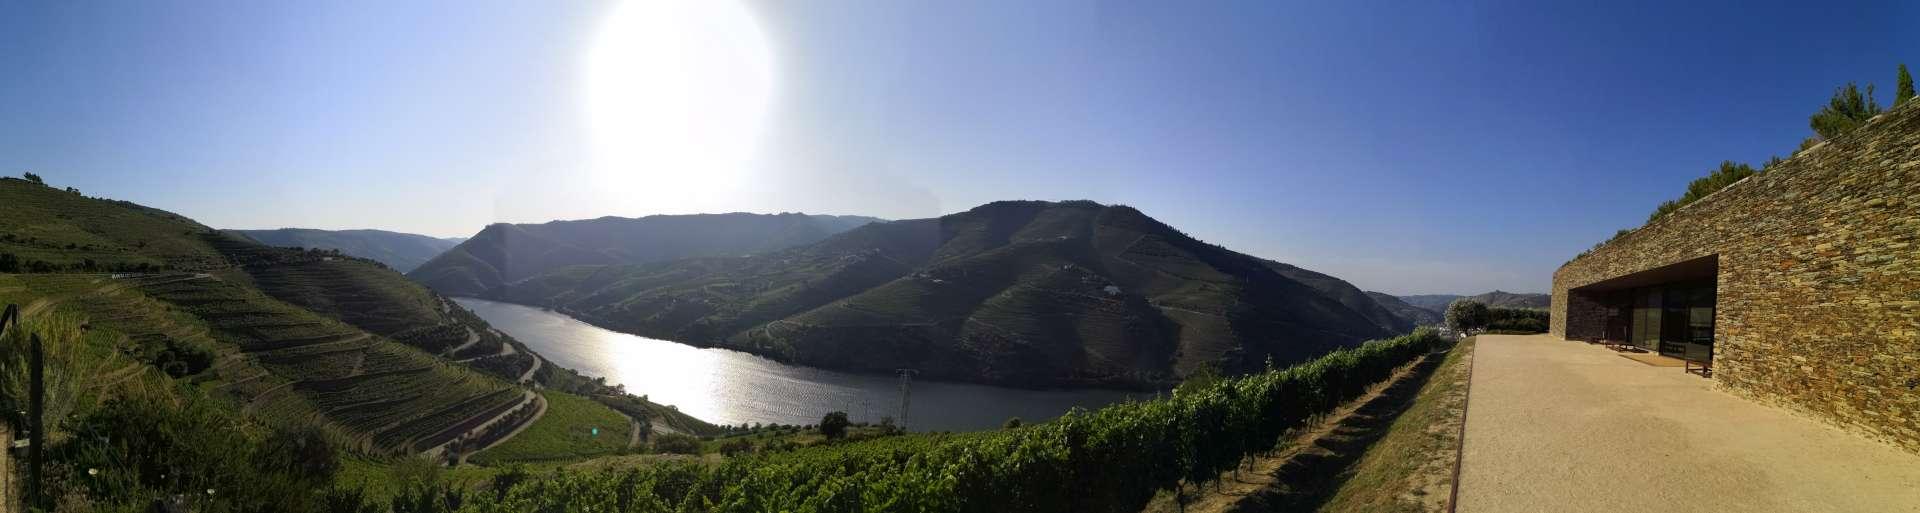 House of Sandeman disponuje širokou terasou s výhledem na okolní kopce s vinicemi a samozřejmě řekou Douro.